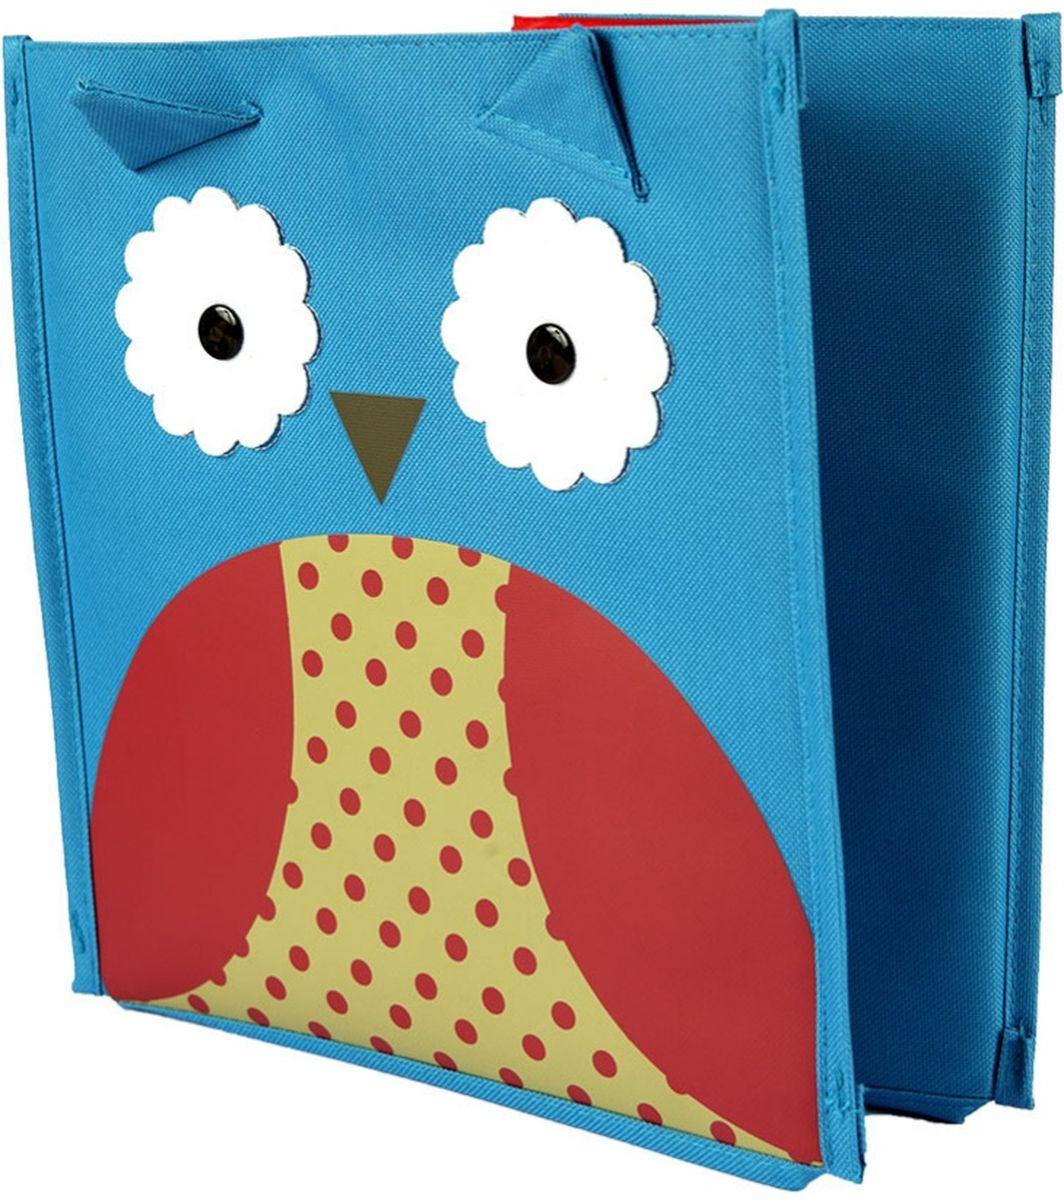 Bradex Короб для хранения Сова квадратнаяDE 0231Яркая коробка с привлекательным дизайном предназначена для оптимизации хранения небольших детских вещей: игрушек, канцтоваров, одежды и обуви. Коробка освободит место в квартире и украсит любую детскую. На выбор представлены 2 варианта дизайна: с пчелкой и совой.